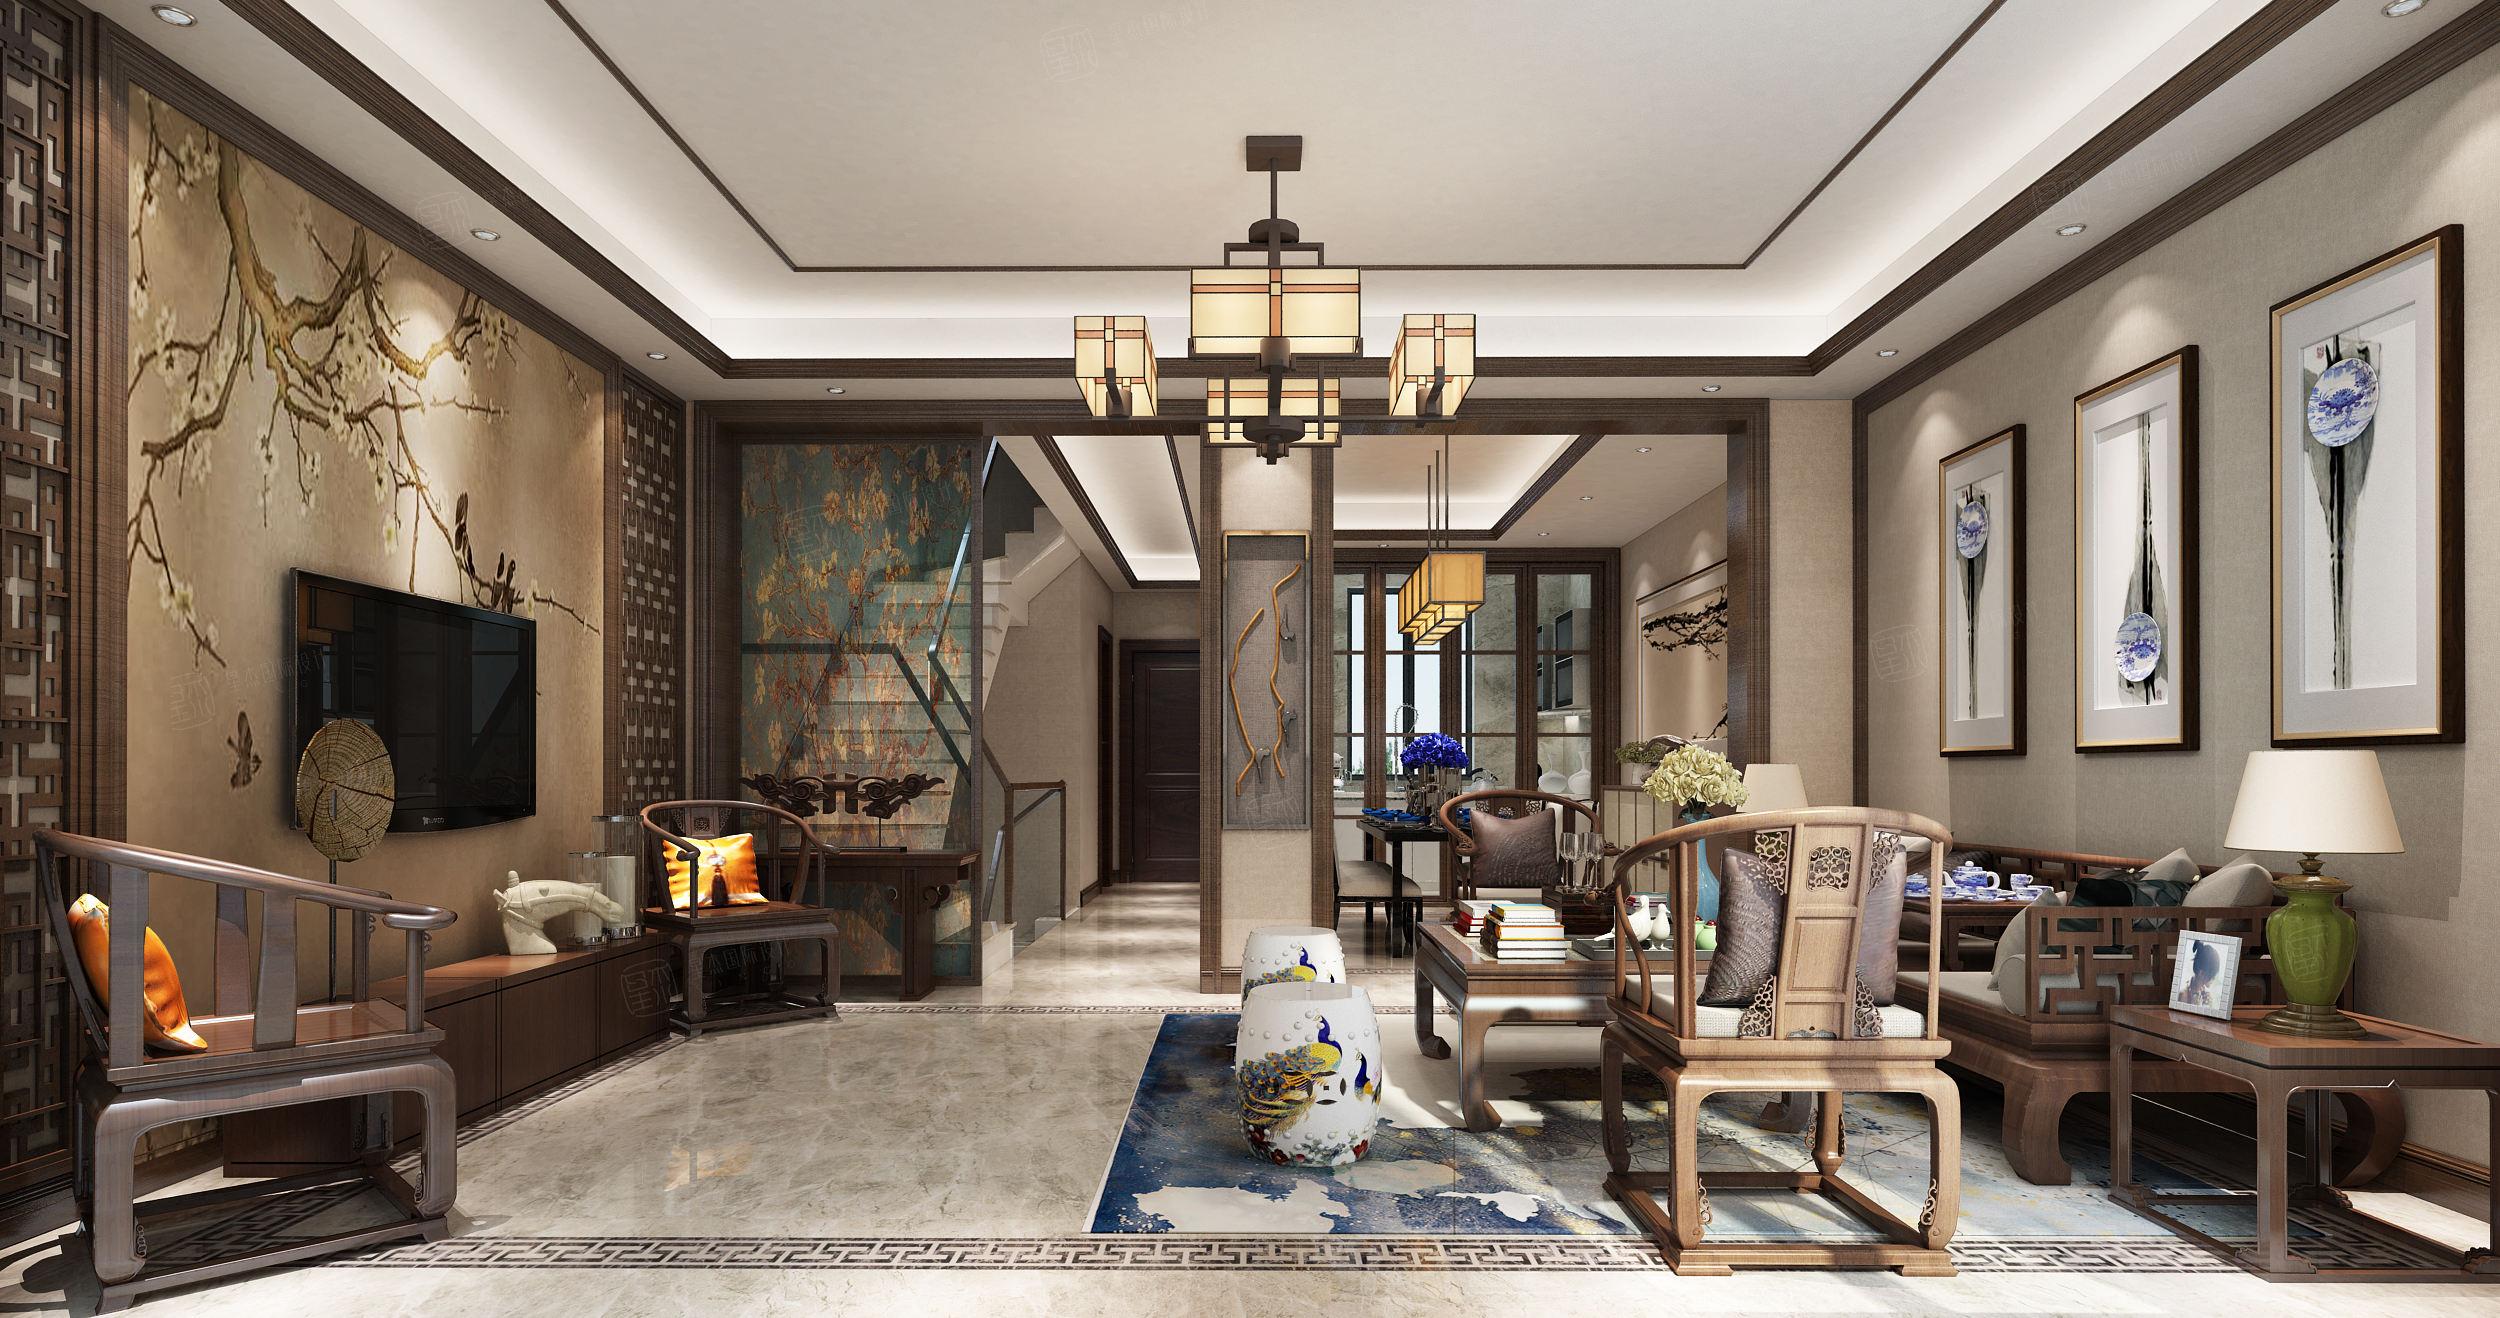 朱家角一号 新中式装修客厅效果图